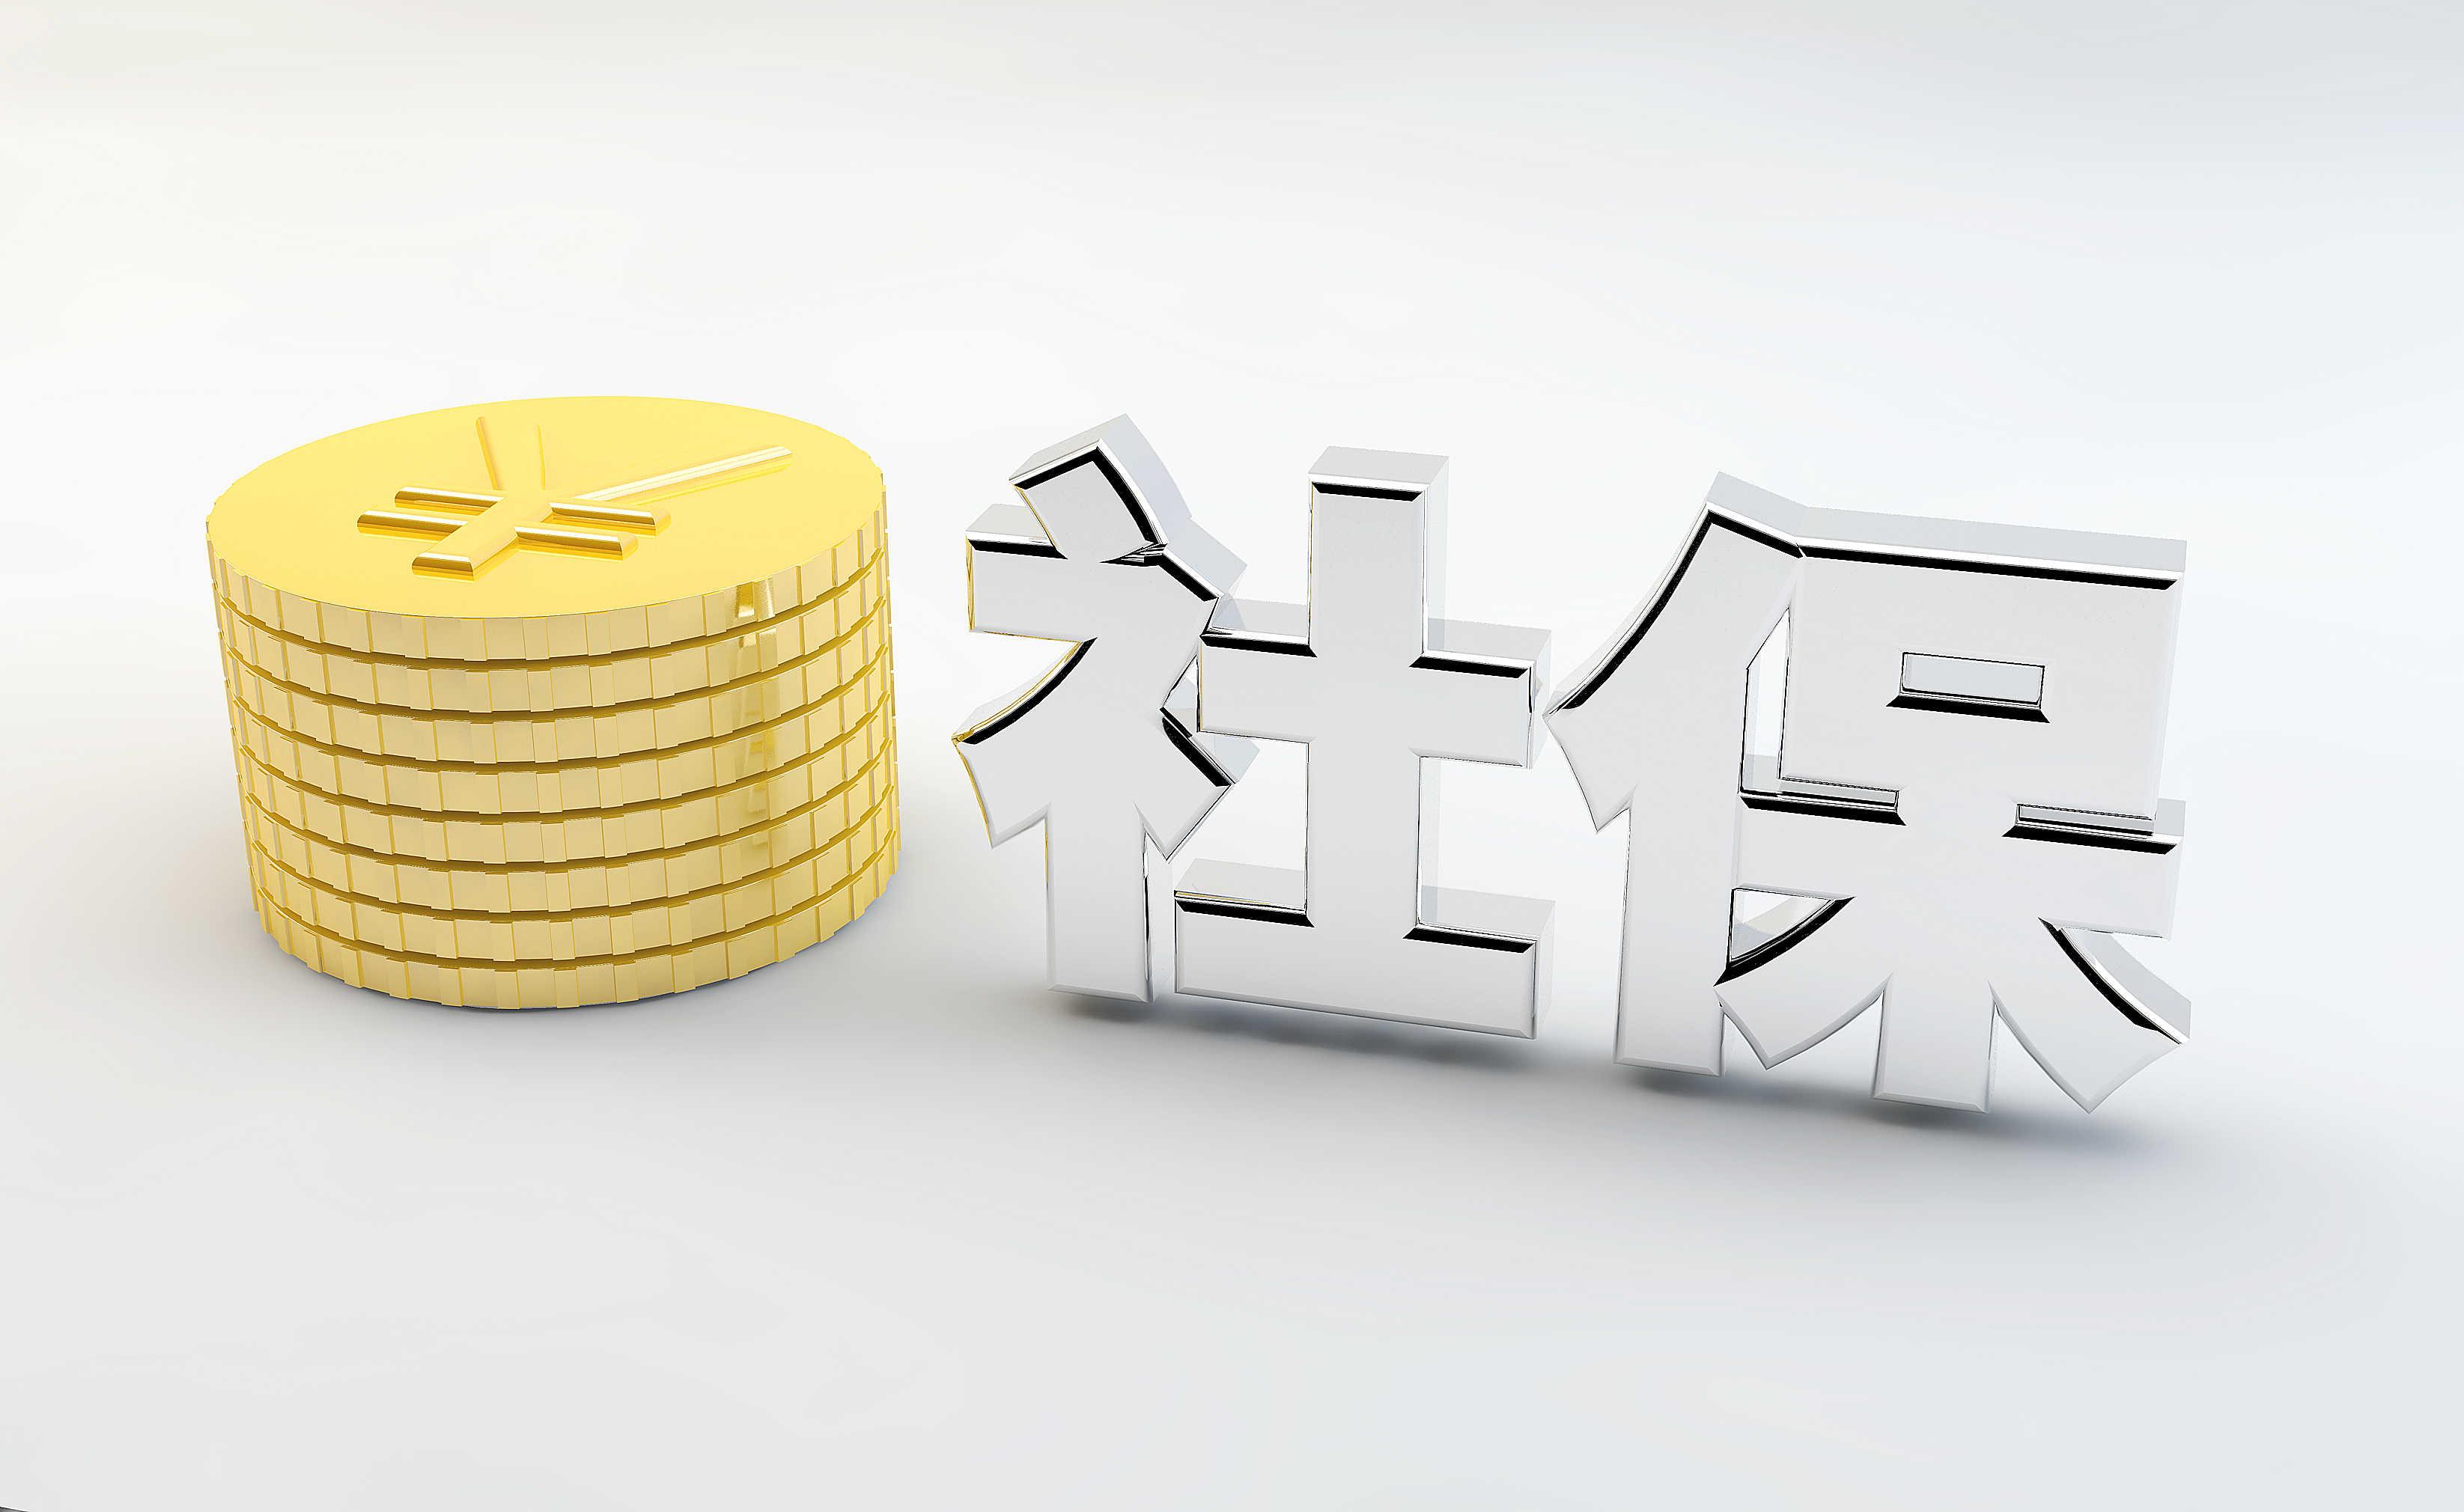 企业社保代缴费用多少,代缴社保的公司,代理社保